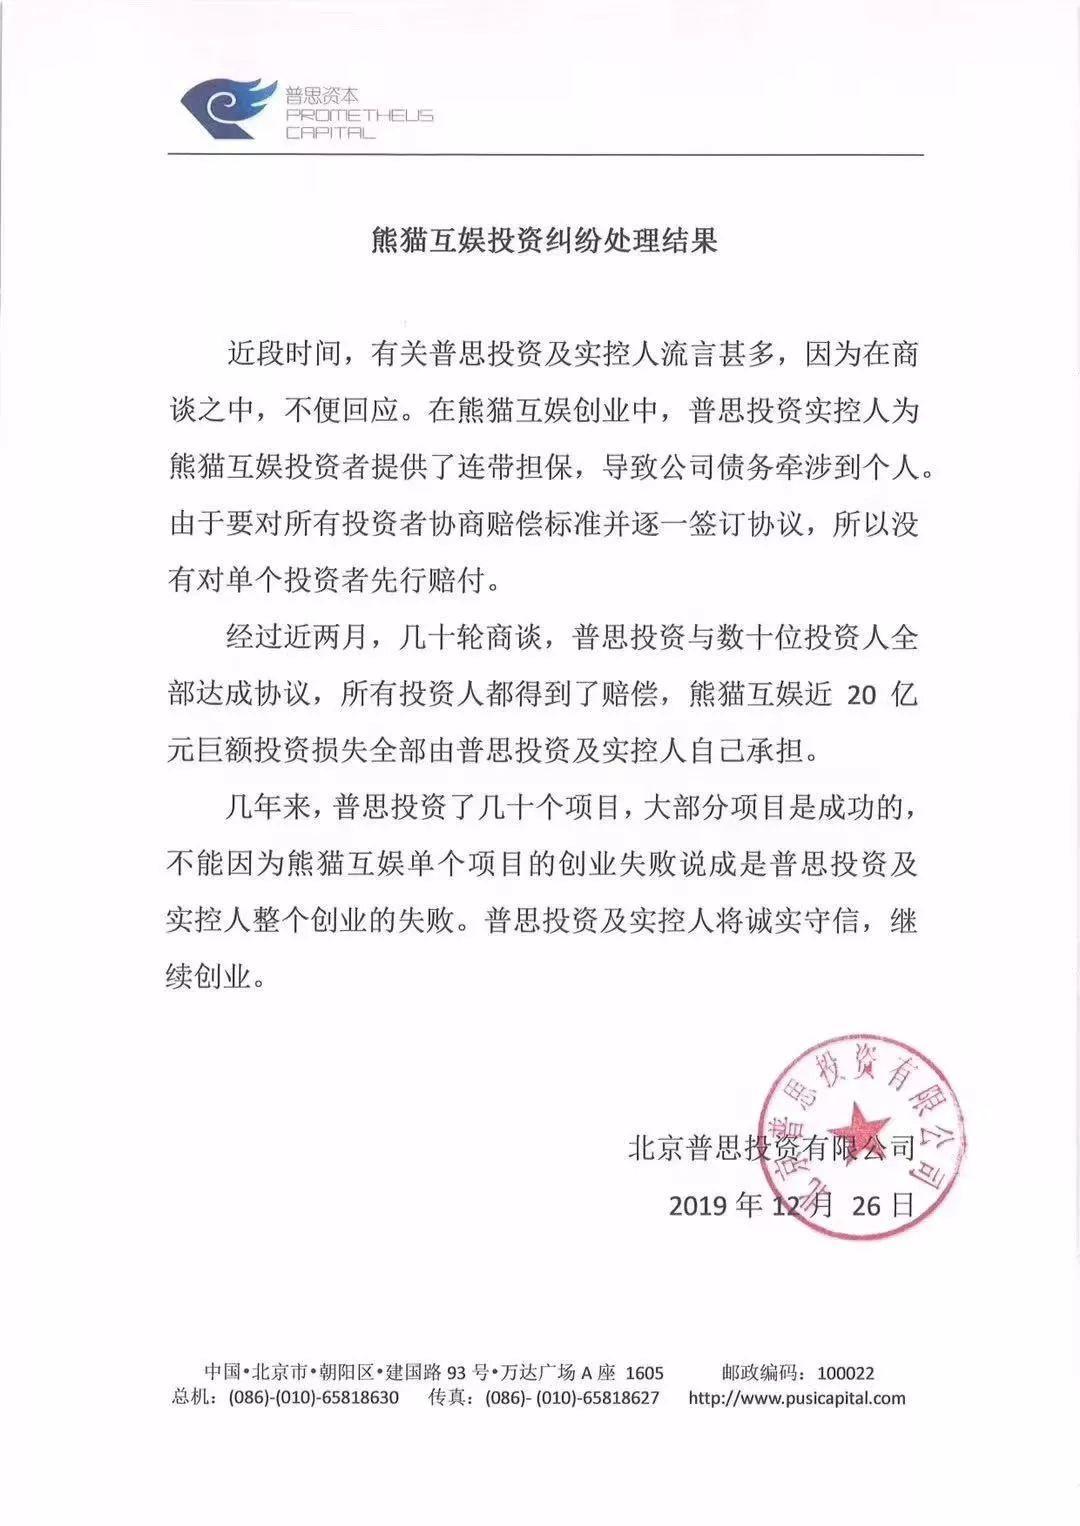 巨亏20亿收场!王思聪了结熊猫互娱债务,霸气表示将继续创业